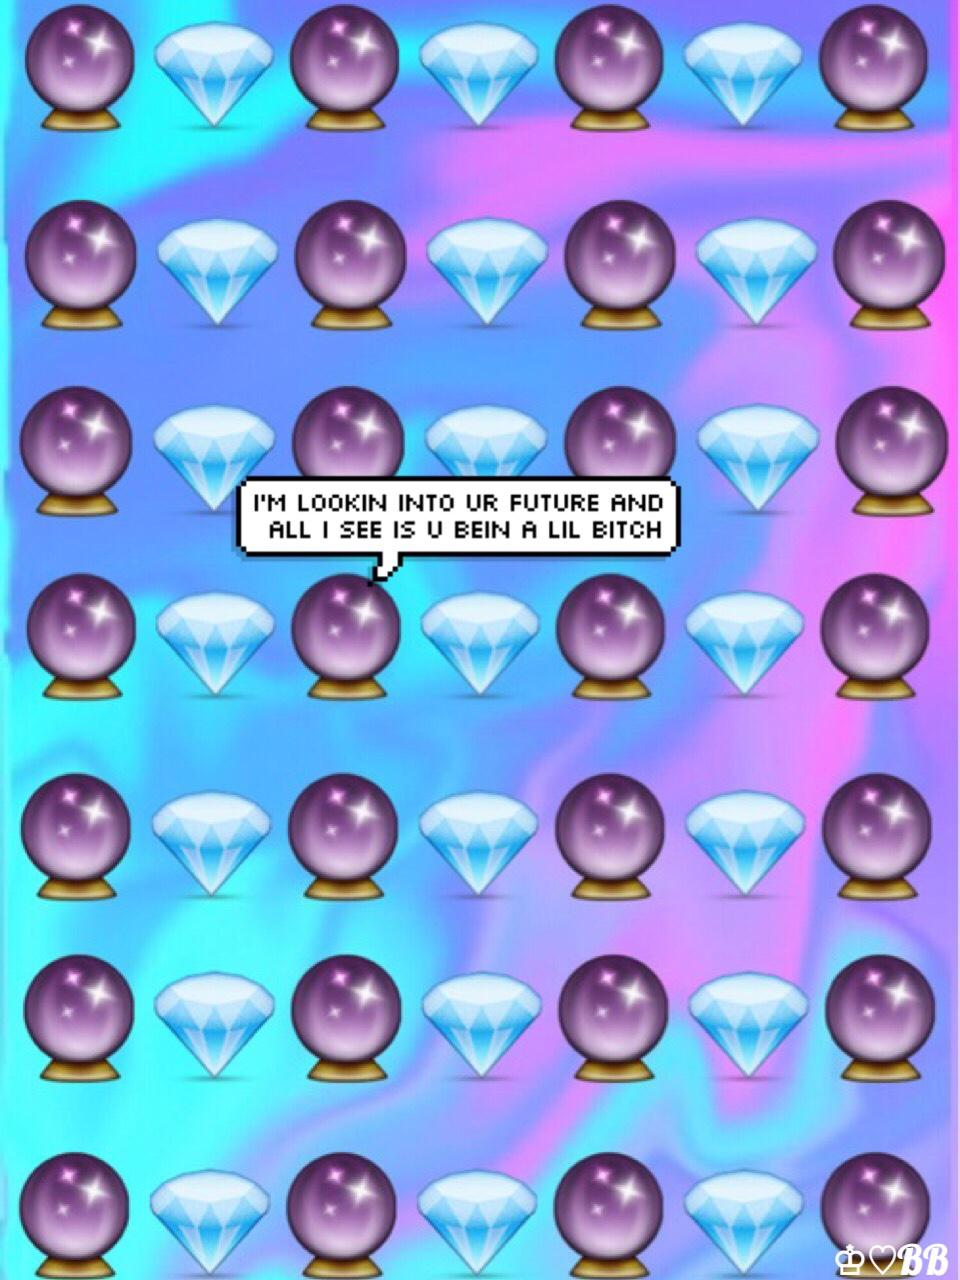 tumblr wallpaper dope gun emoji - photo #16